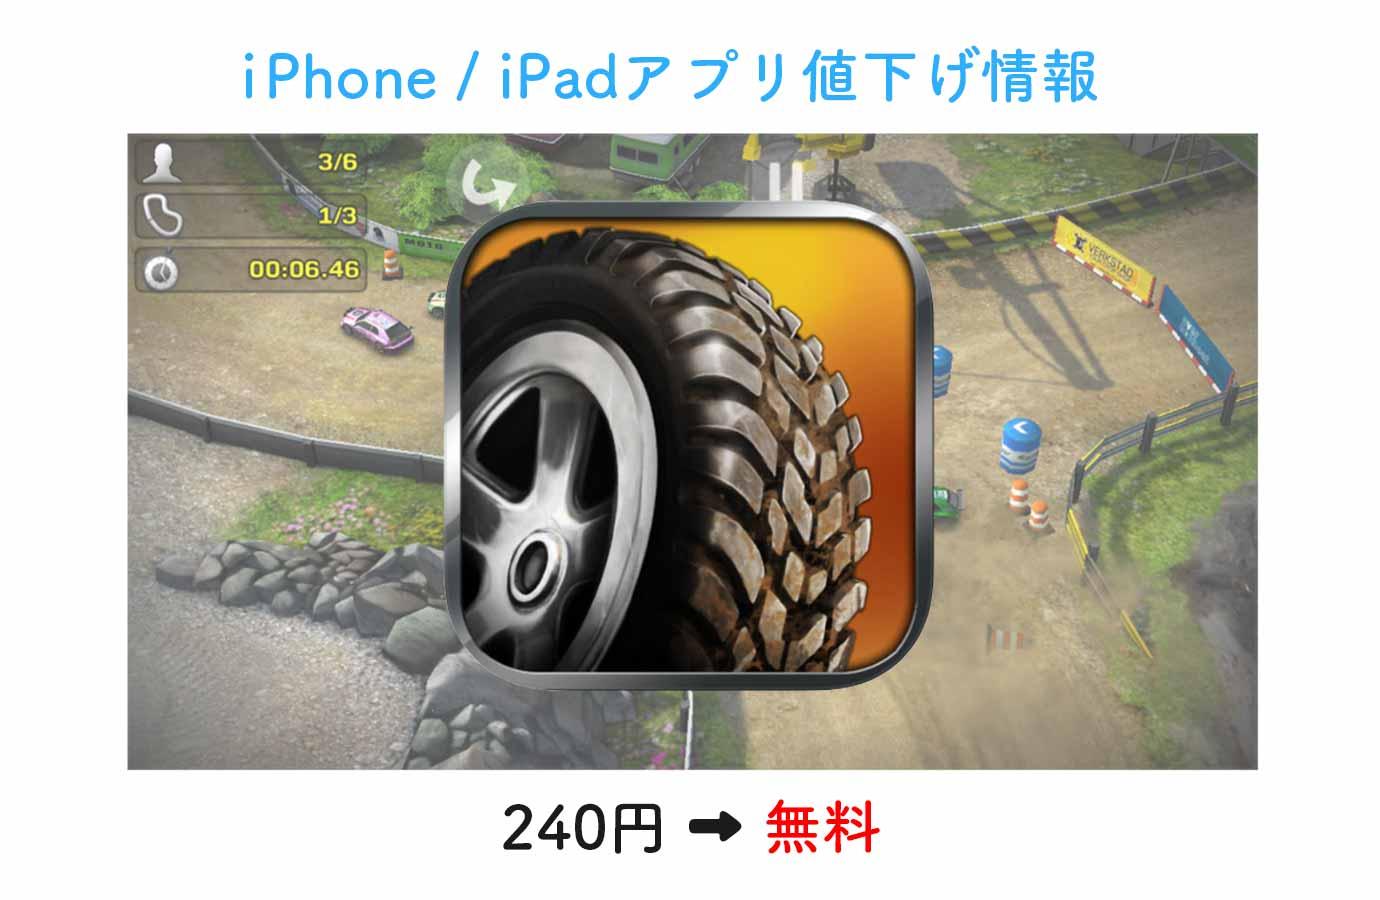 240円→無料、見下ろし型ドリフトレース「Reckless Racing 2」など【7/9】値下げiOSアプリ